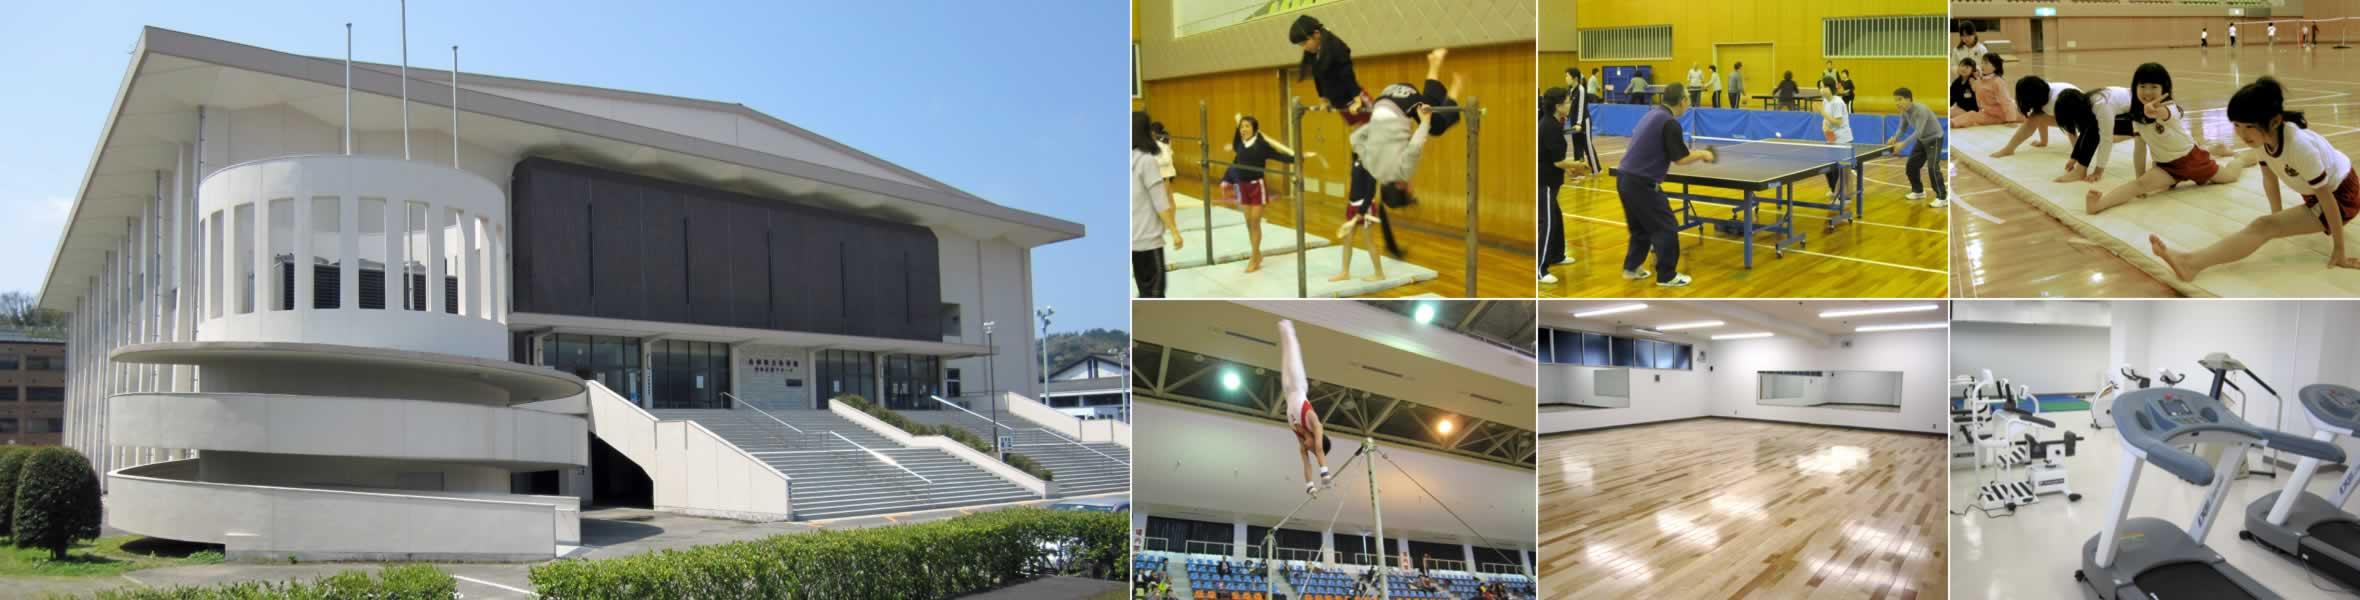 島根県立体育館